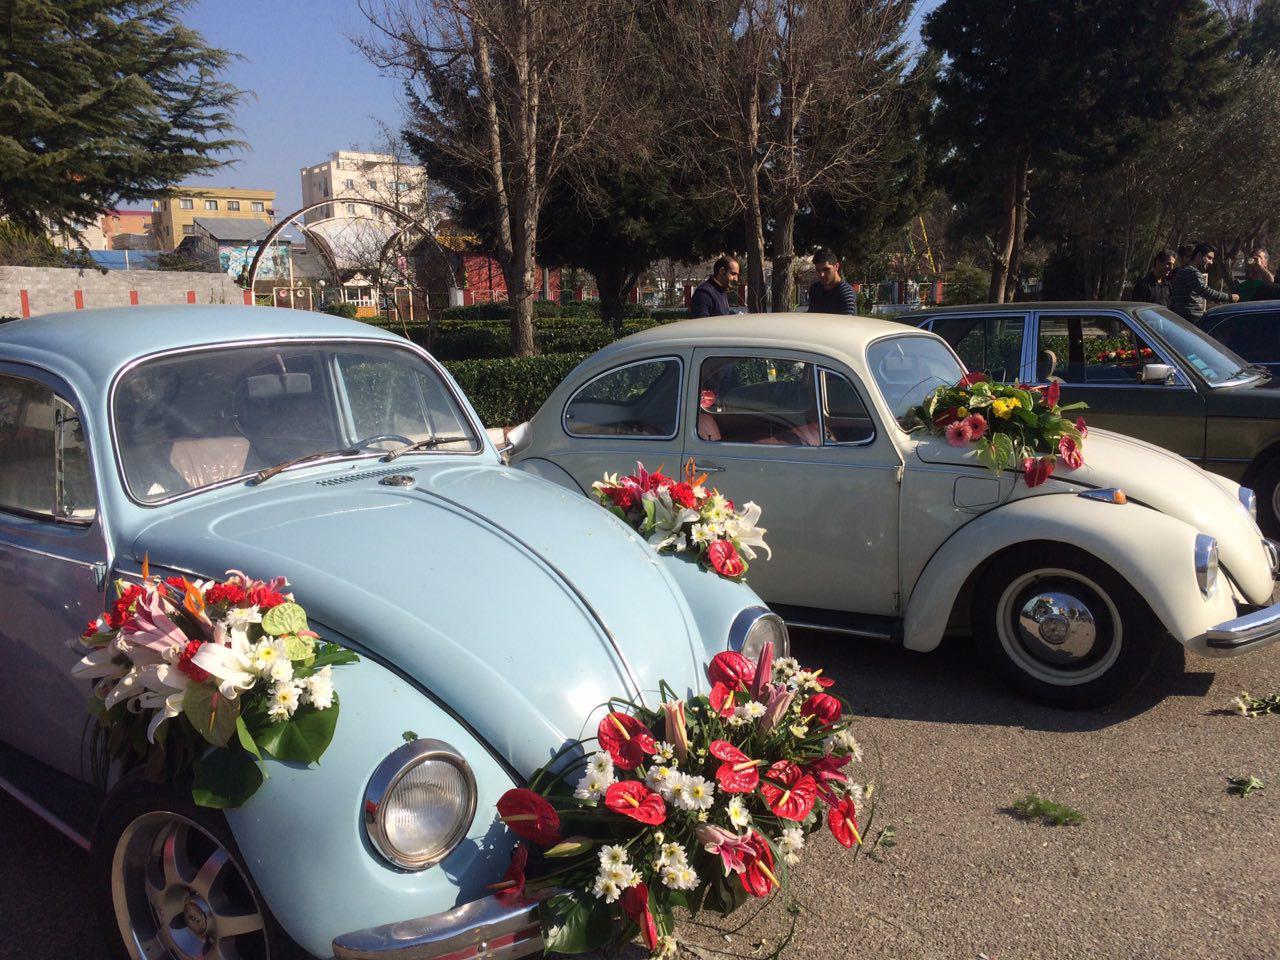 کارناوال گل با خودروهای کلاسیک + تصاویر